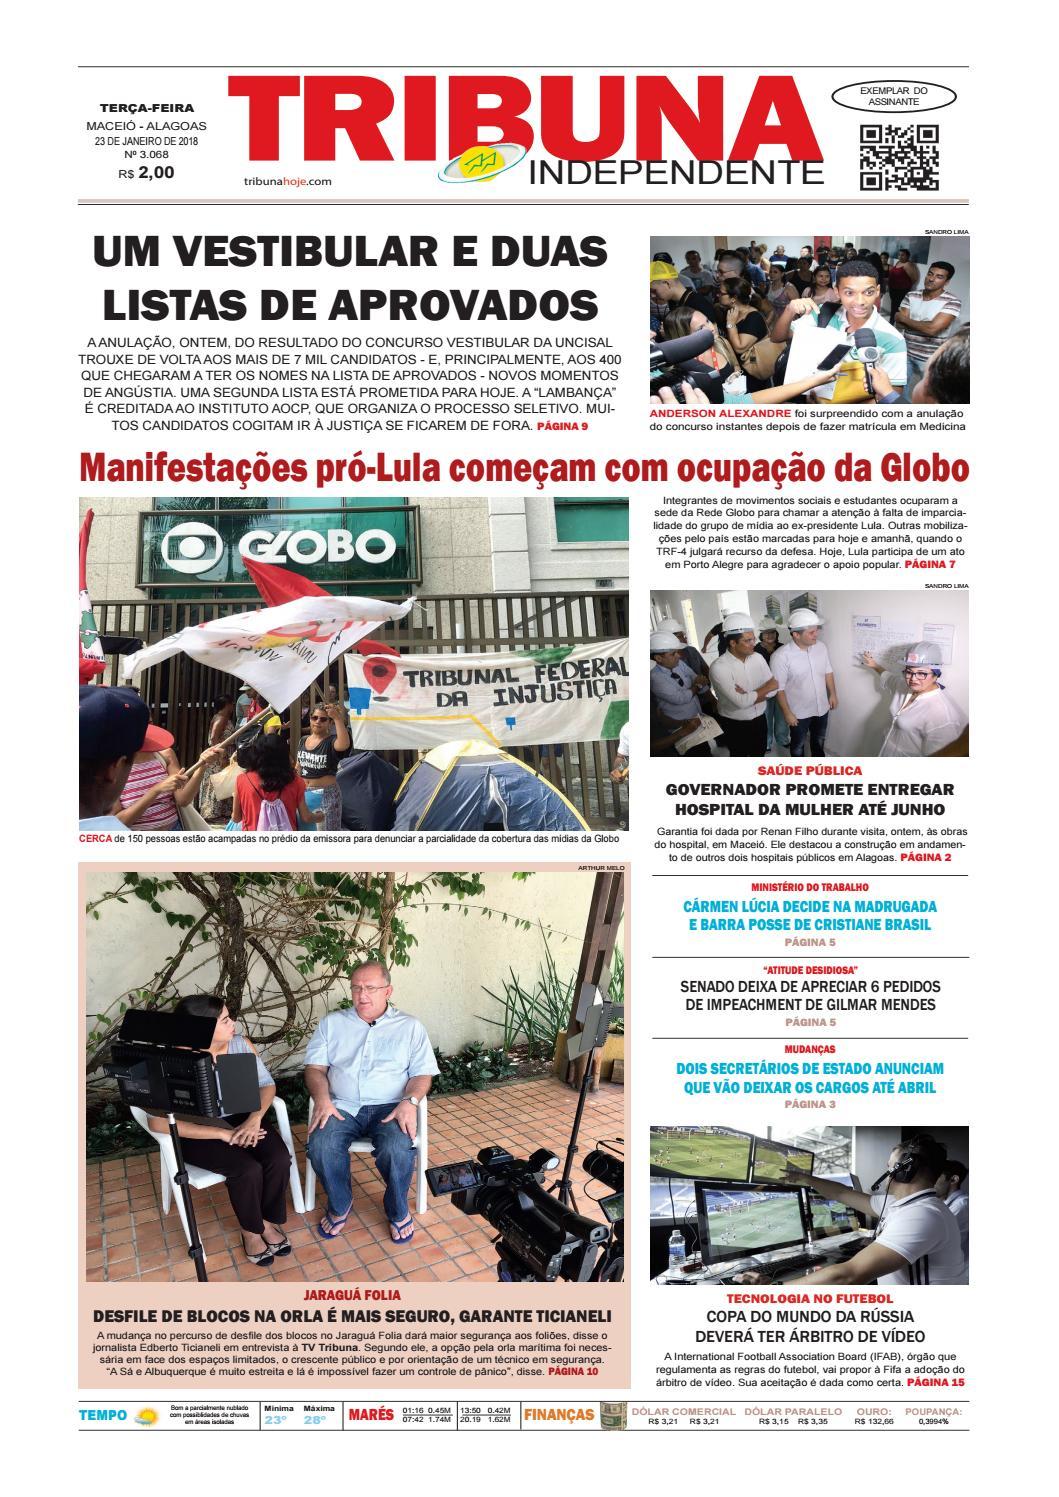 a7bbce5bffc Edição número 3068 - 23 de janeiro de 2018 by Tribuna Hoje - issuu